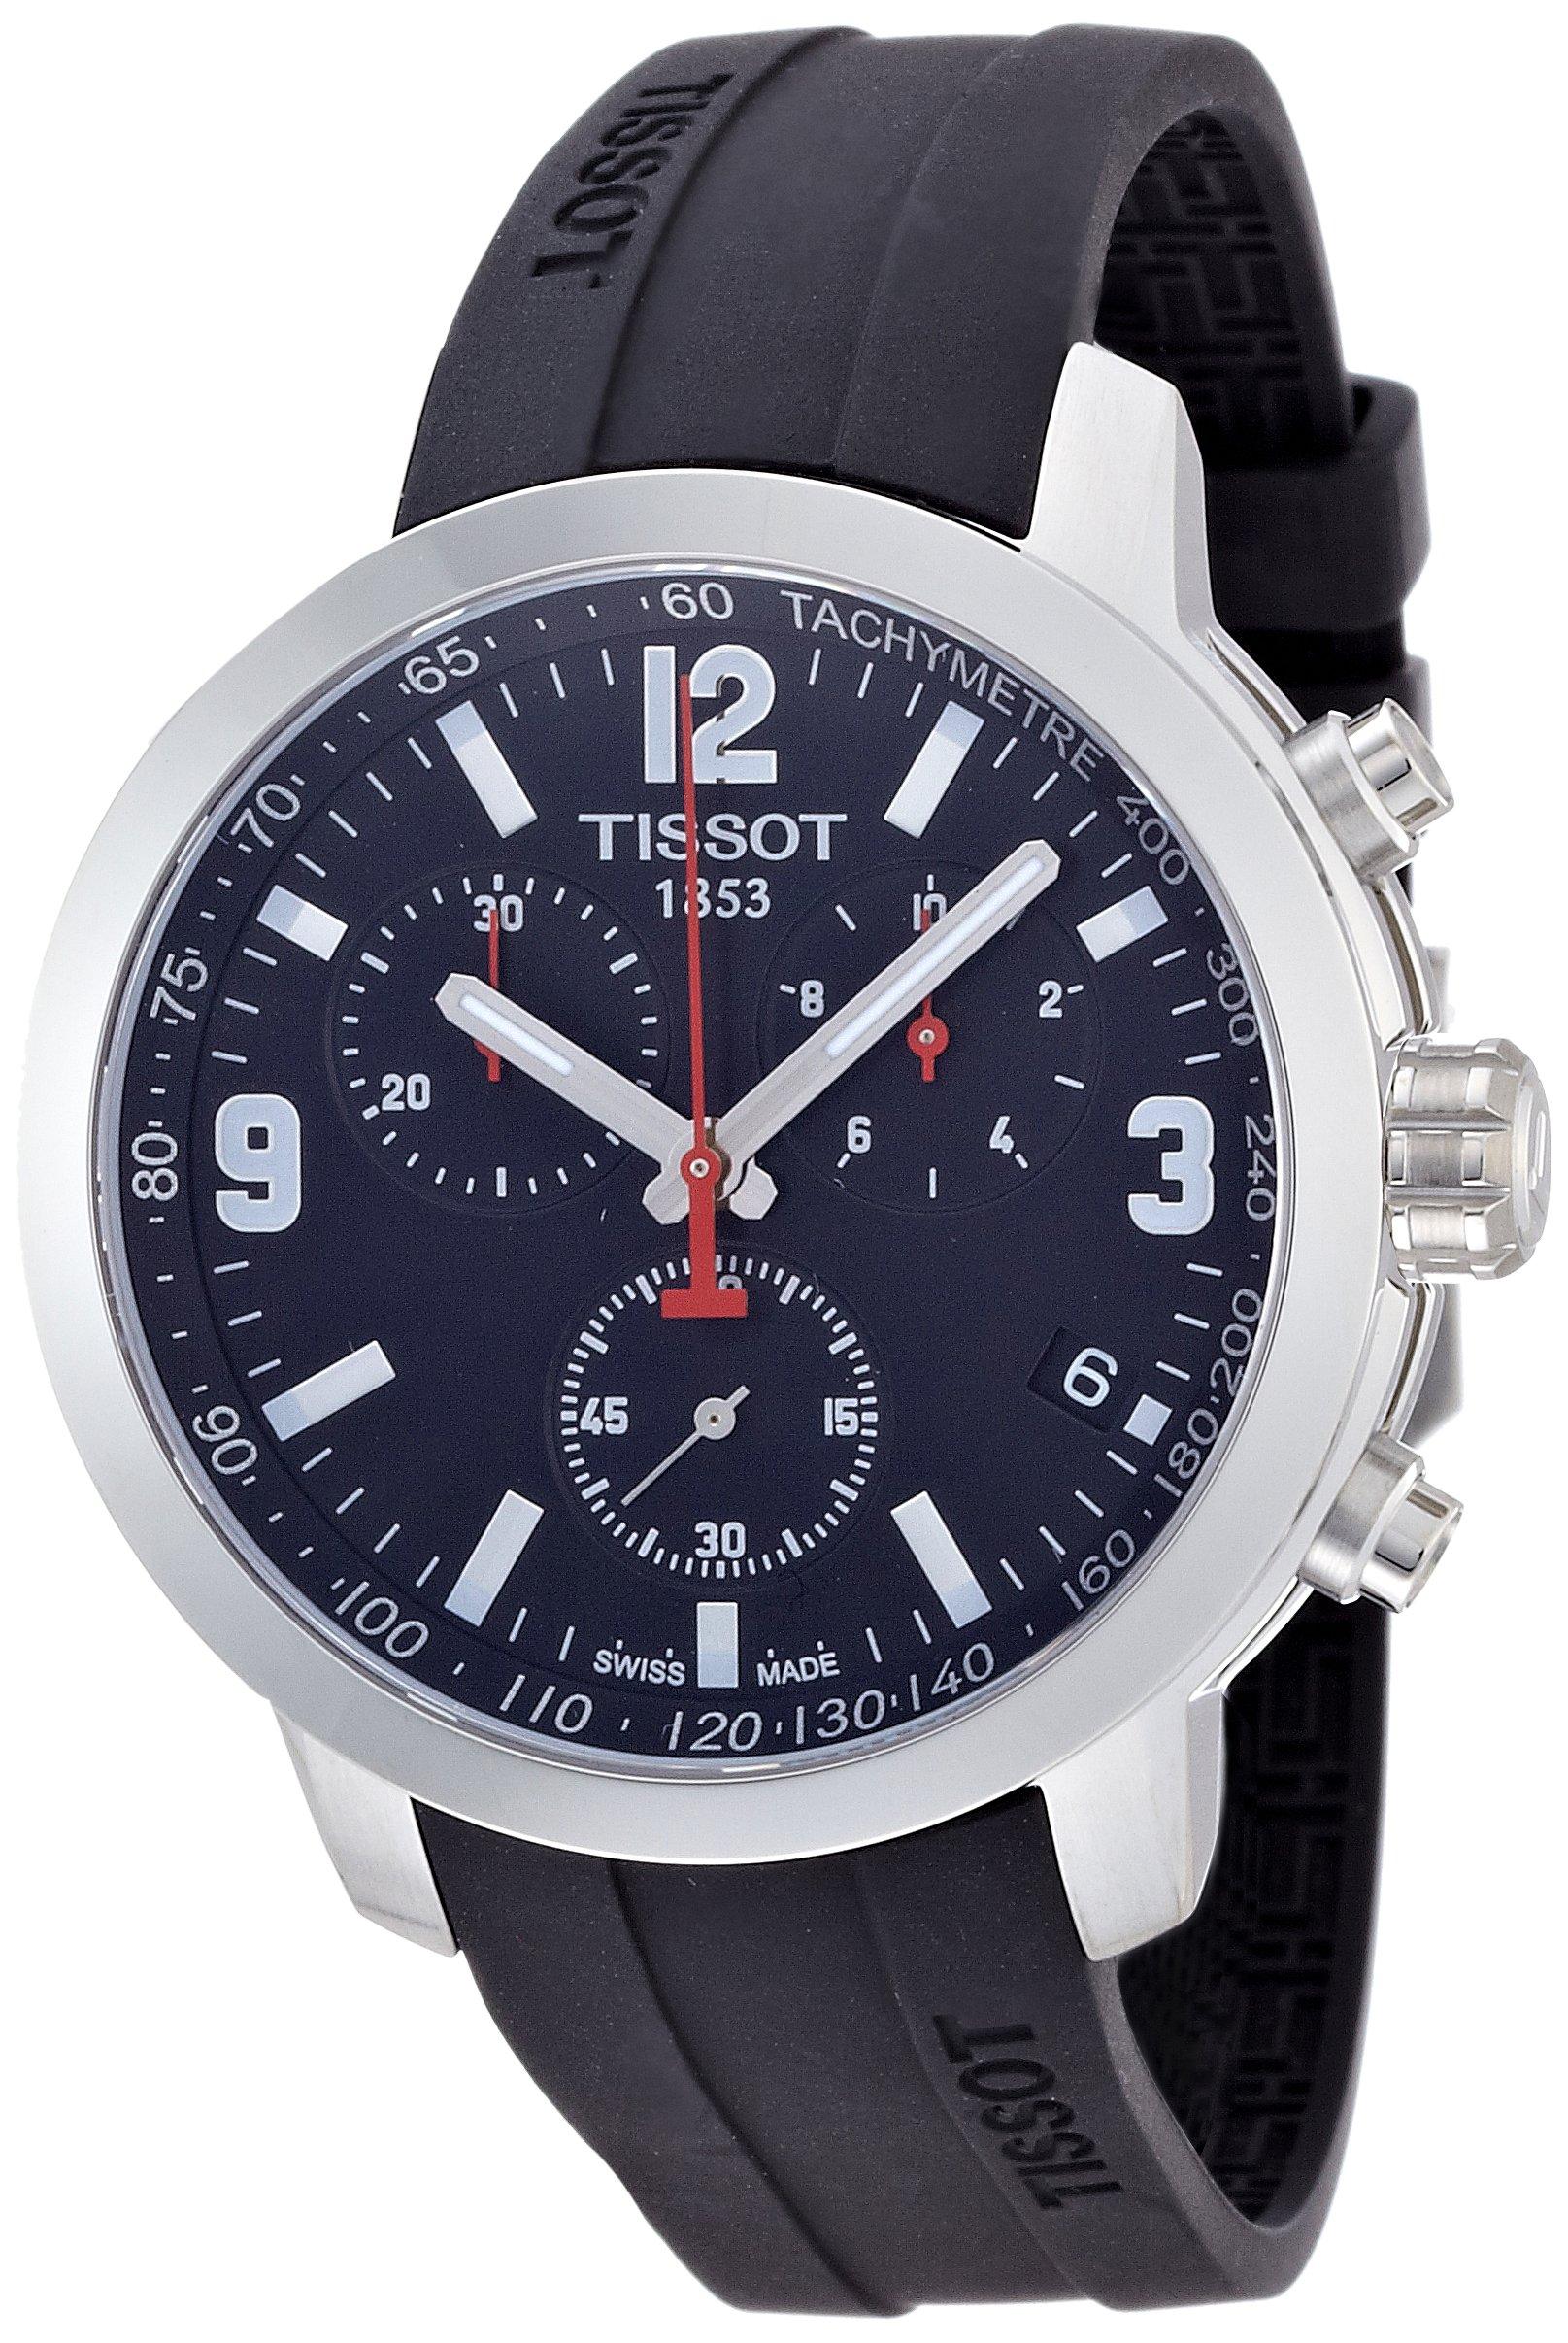 Tissot PRC 200 – Reloj (Reloj de pulsera, Masculino, Acero inoxidable, Acero inoxidable, Caucho, Negro)